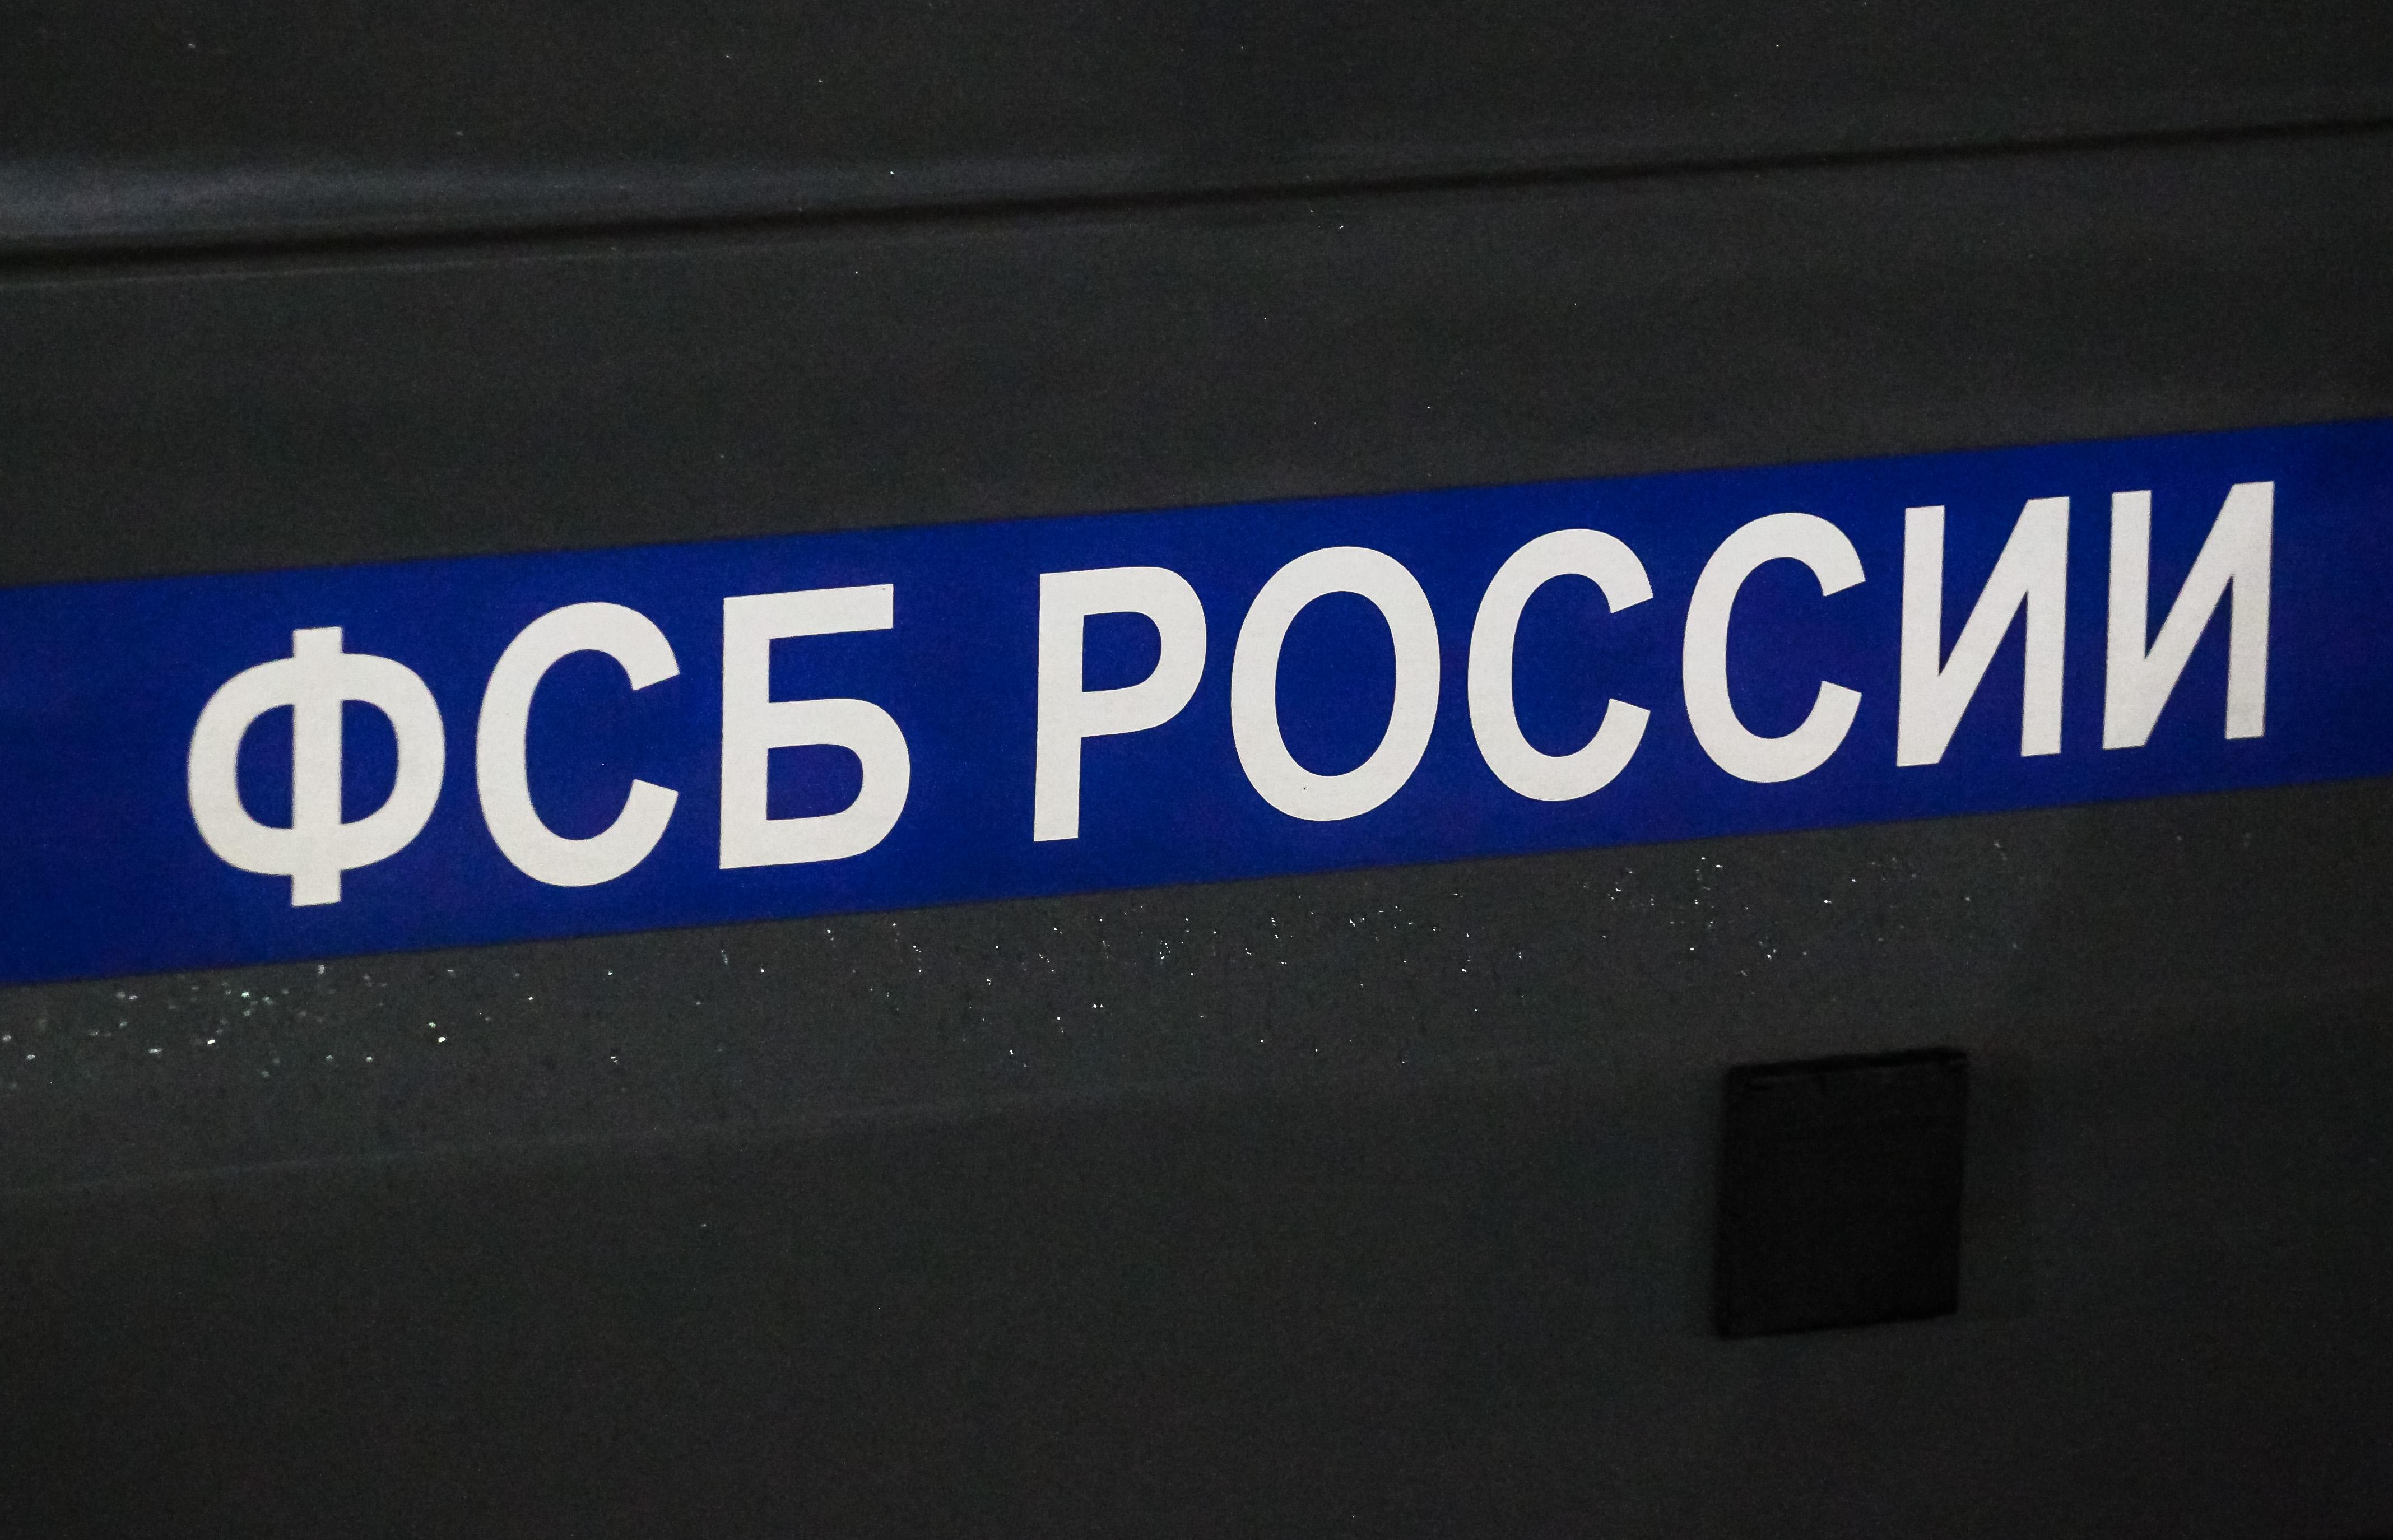 Неизвестные, представившиеся сотрудниками ФСБ, пришли к родственникам журналистки «Открытых медиа», чтобы поговорить о деле «Народной самообороны»